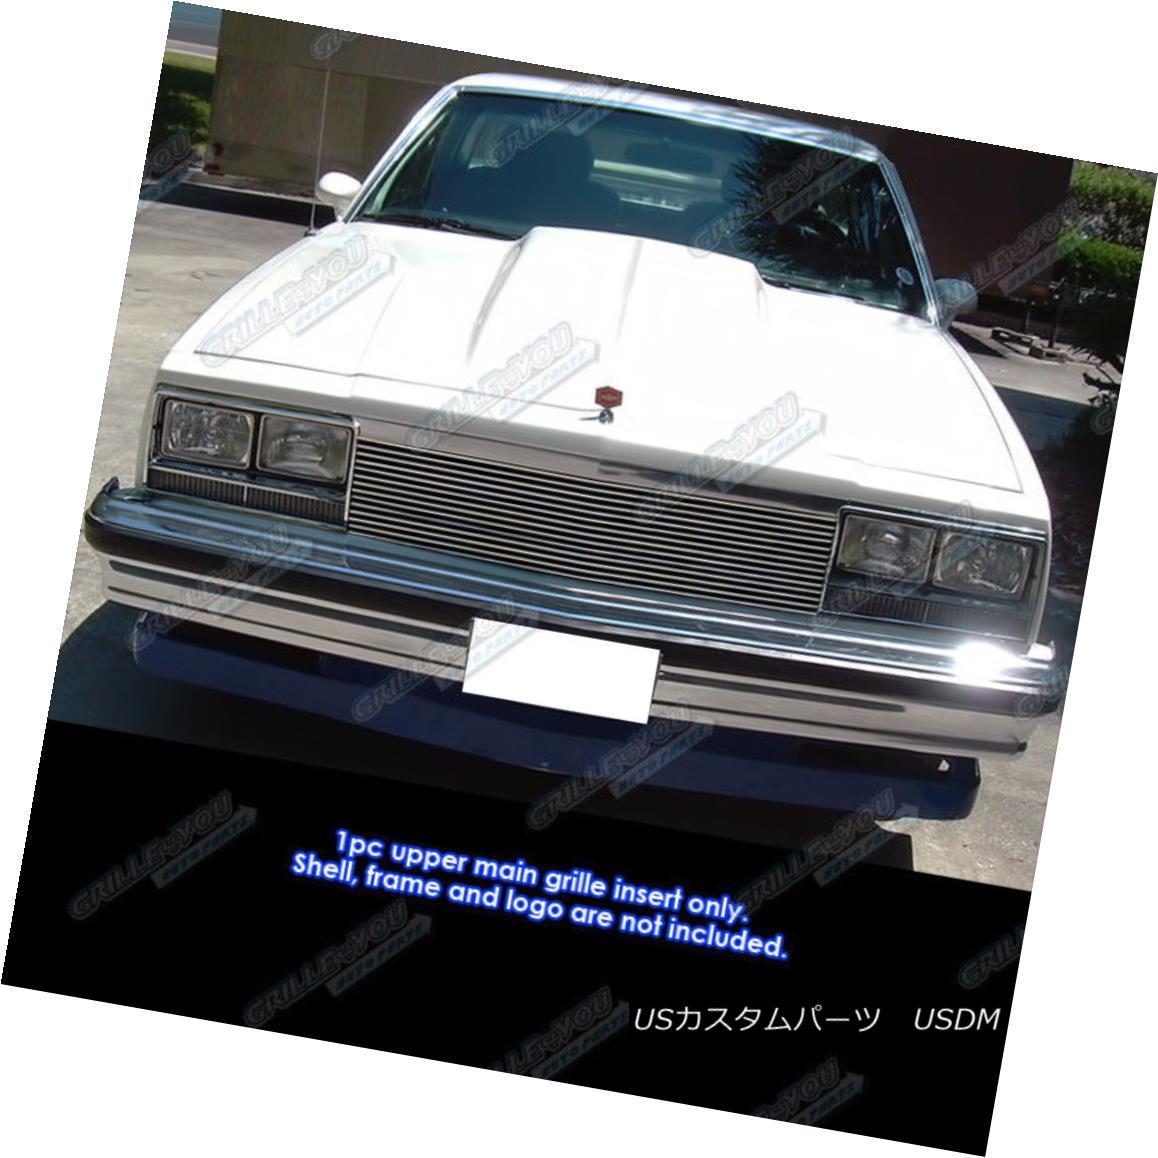 グリル Fits 1982-1987 Chevy EL Camino/82-83 Malibu Billet Grille Insert フィット1982-1987シェビーELカミノ/ 82-83マリブビレットグリルインサート